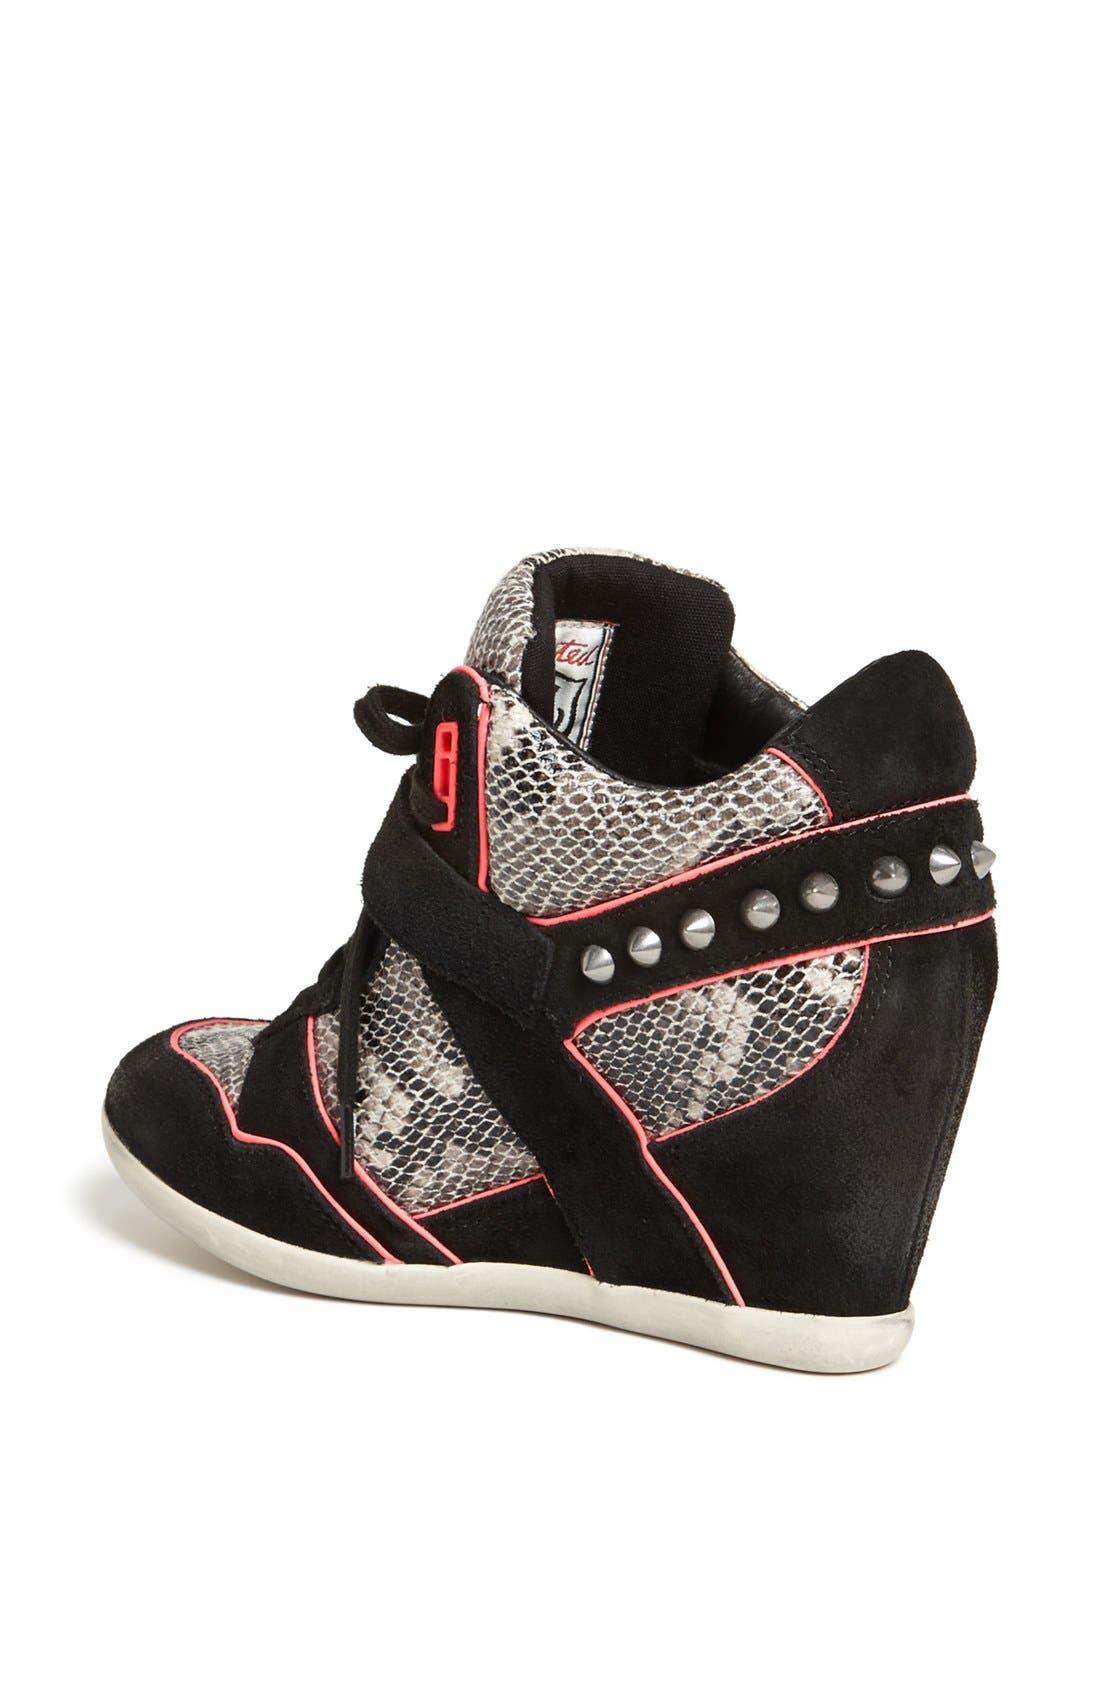 Alternate Image 2  - Ash 'Bisou' Spike Studded Hidden Wedge Sneaker